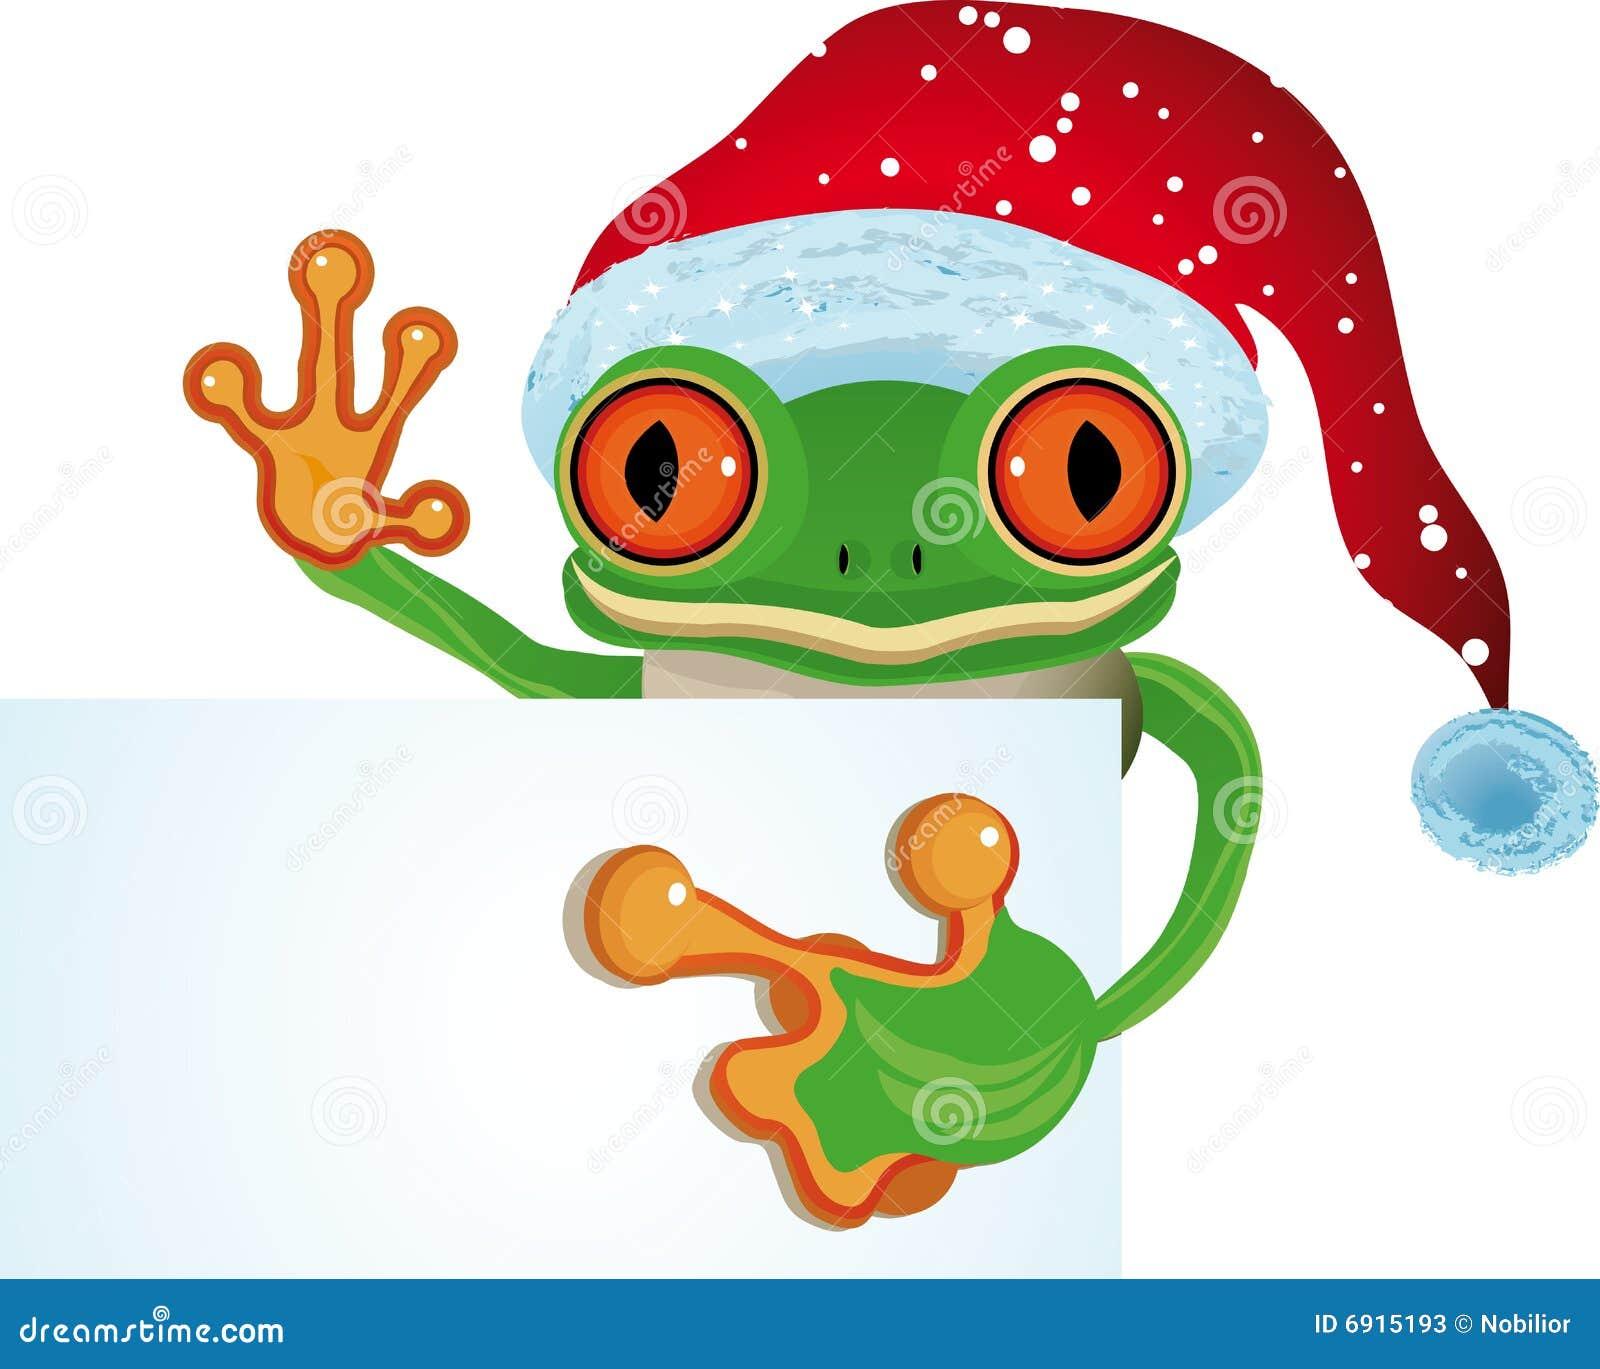 Frog as Santa